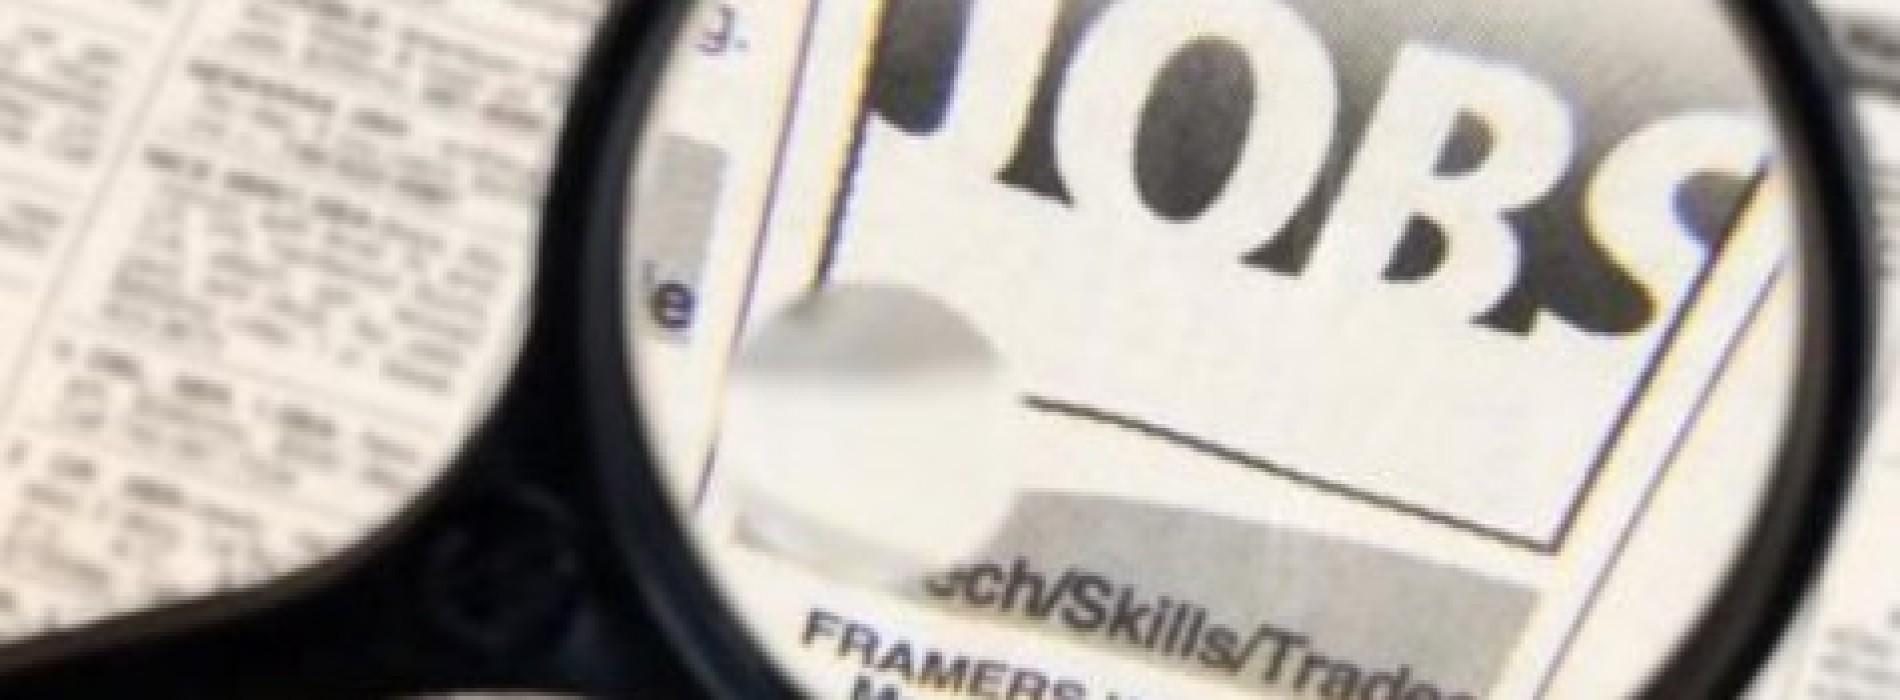 Polak pracuje trzy lata krócej niż przeciętny Europejczyk